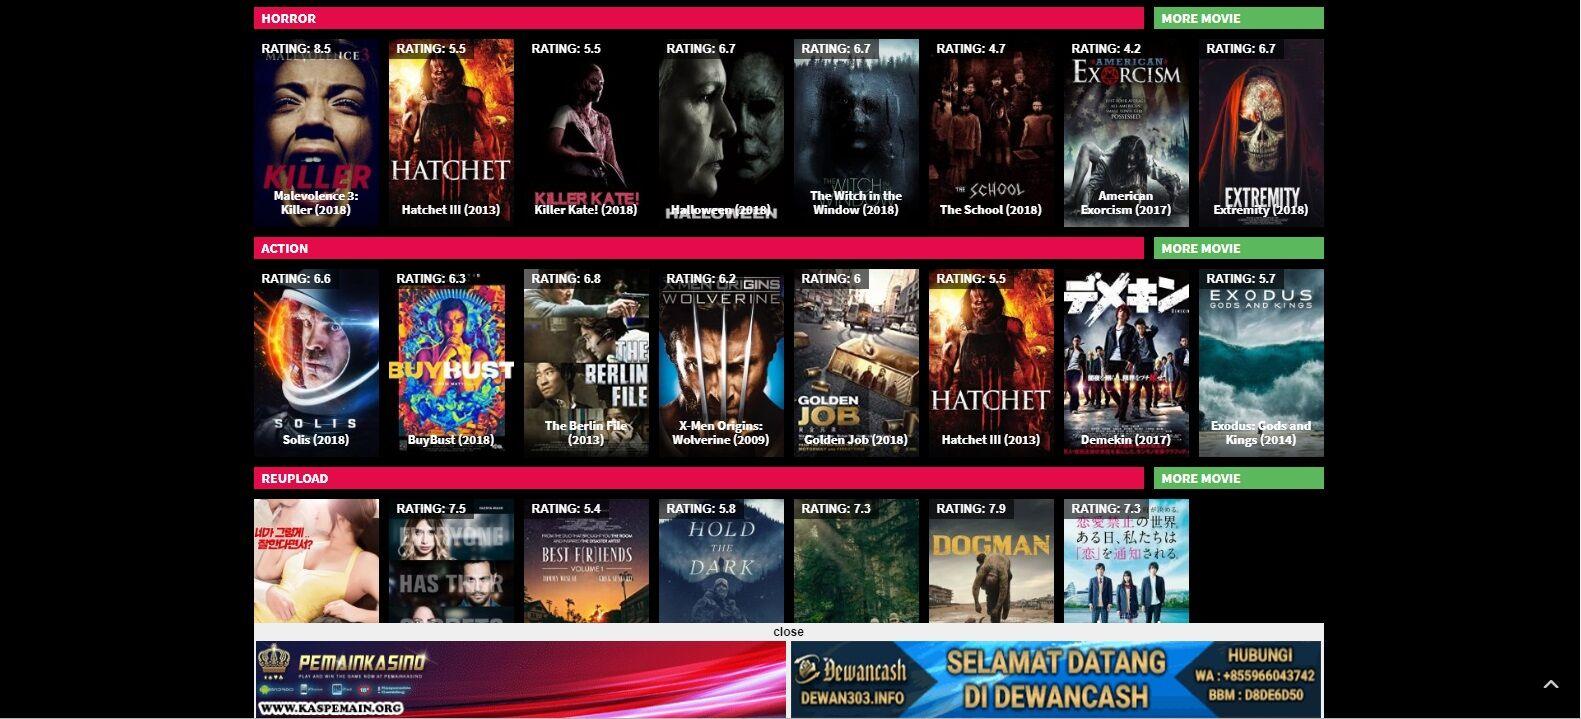 Situs download film terbaik 4